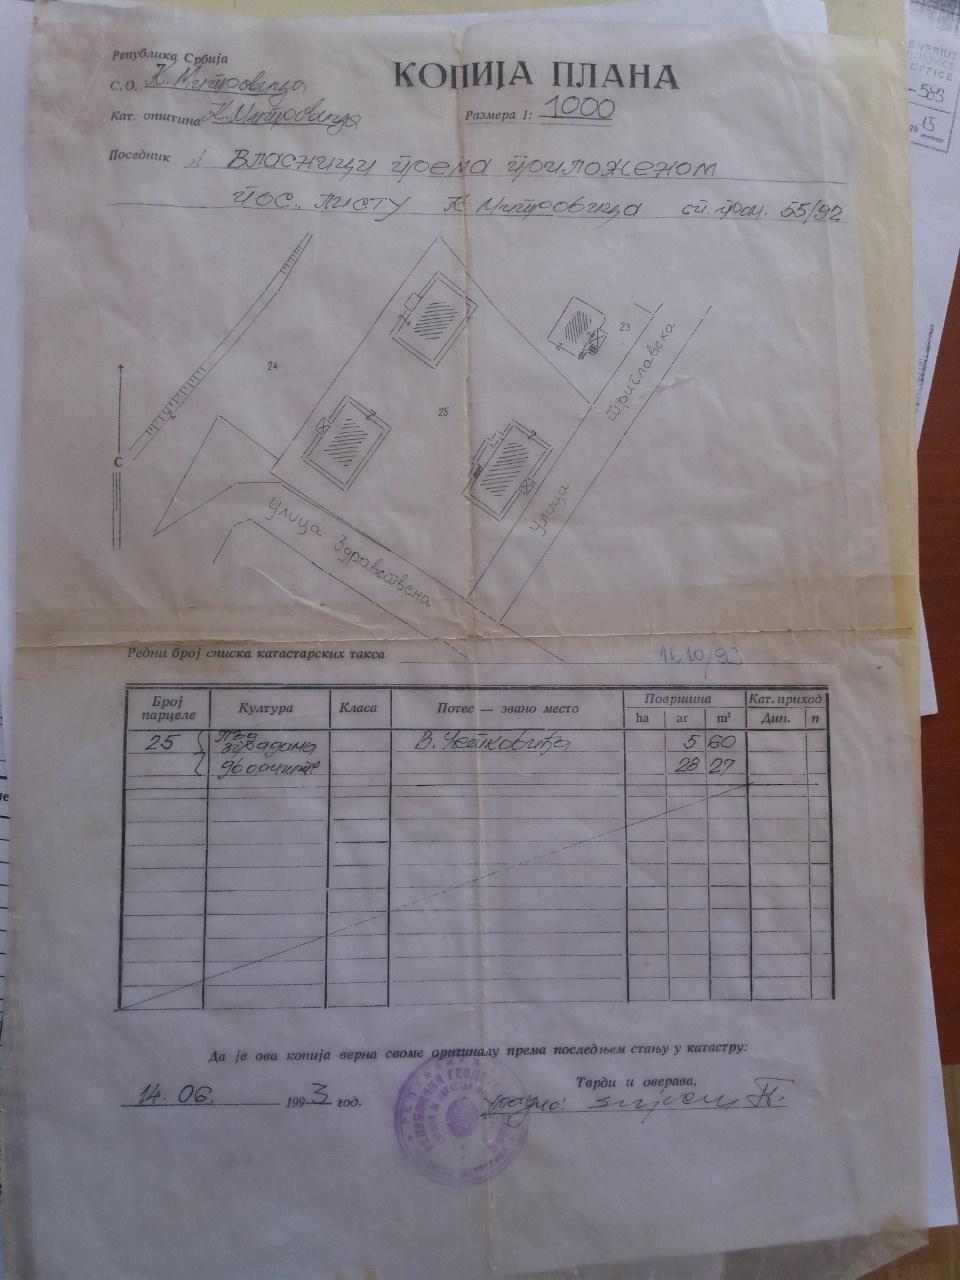 Građani pišu: Vlasnici prema priloženom posedovnom listu 5592